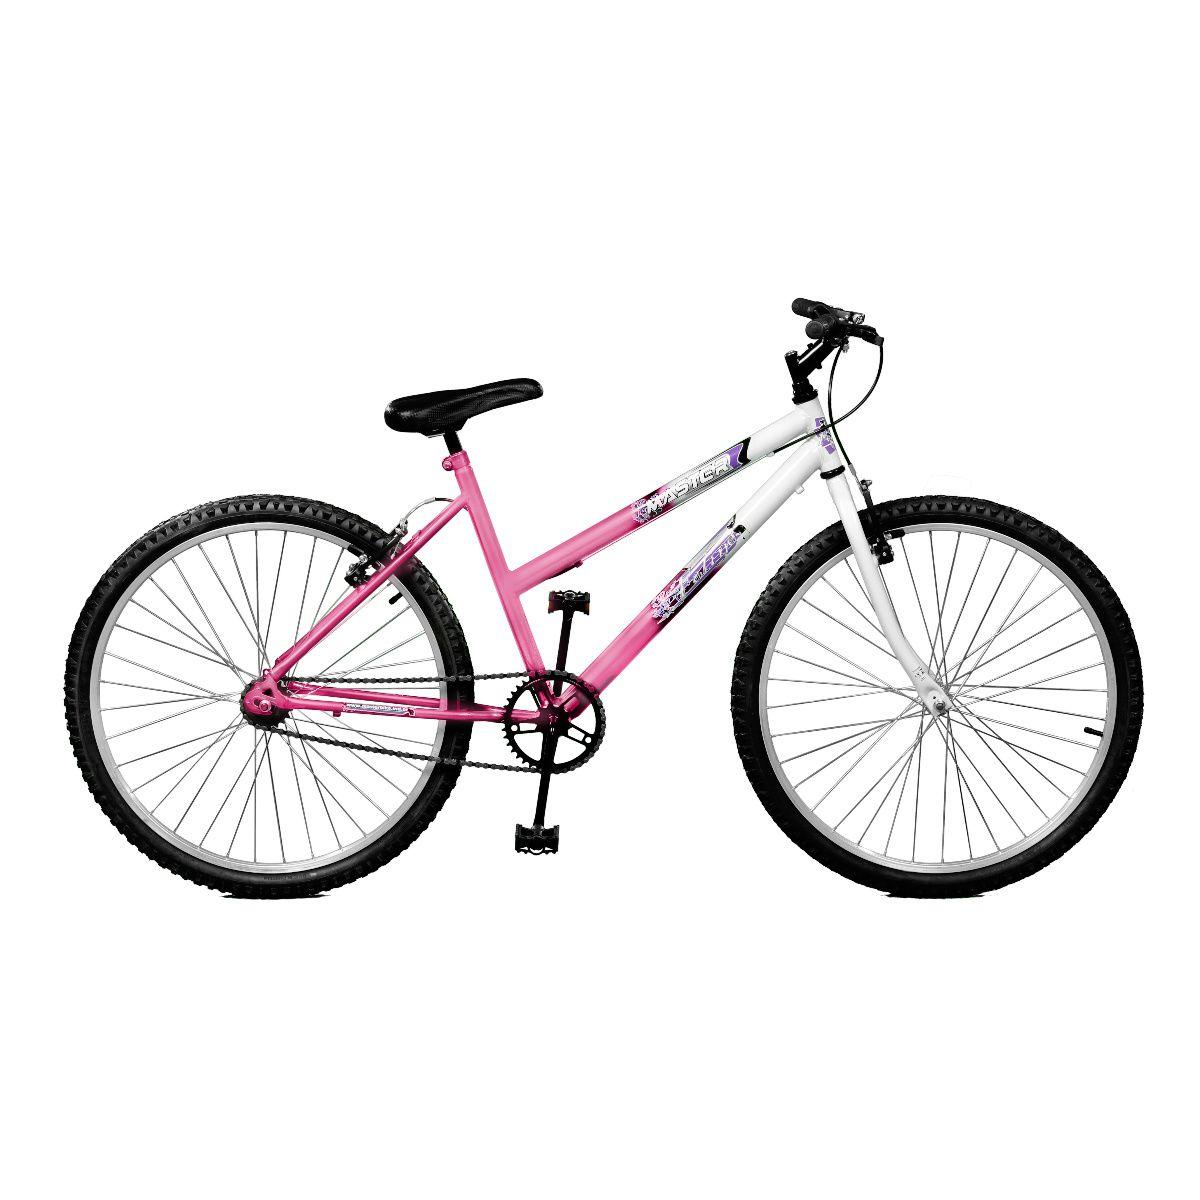 Bicicleta Master Bike Aro 26 Feline Freio V-Brake Rosa/Branco